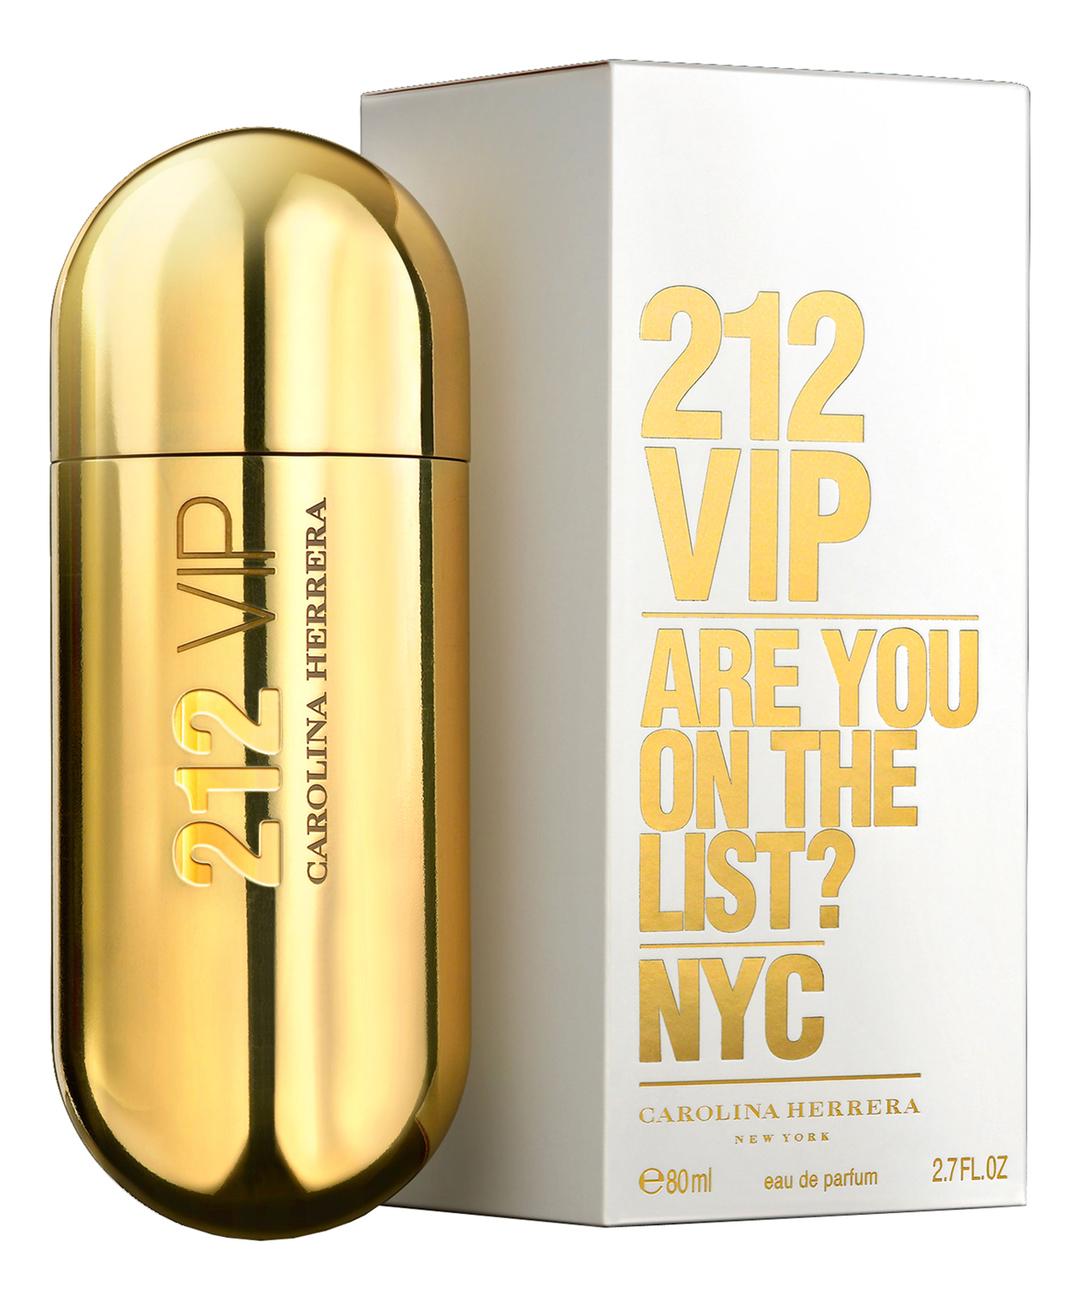 цена Carolina Herrera 212 VIP Woman: парфюмерная вода 80мл онлайн в 2017 году